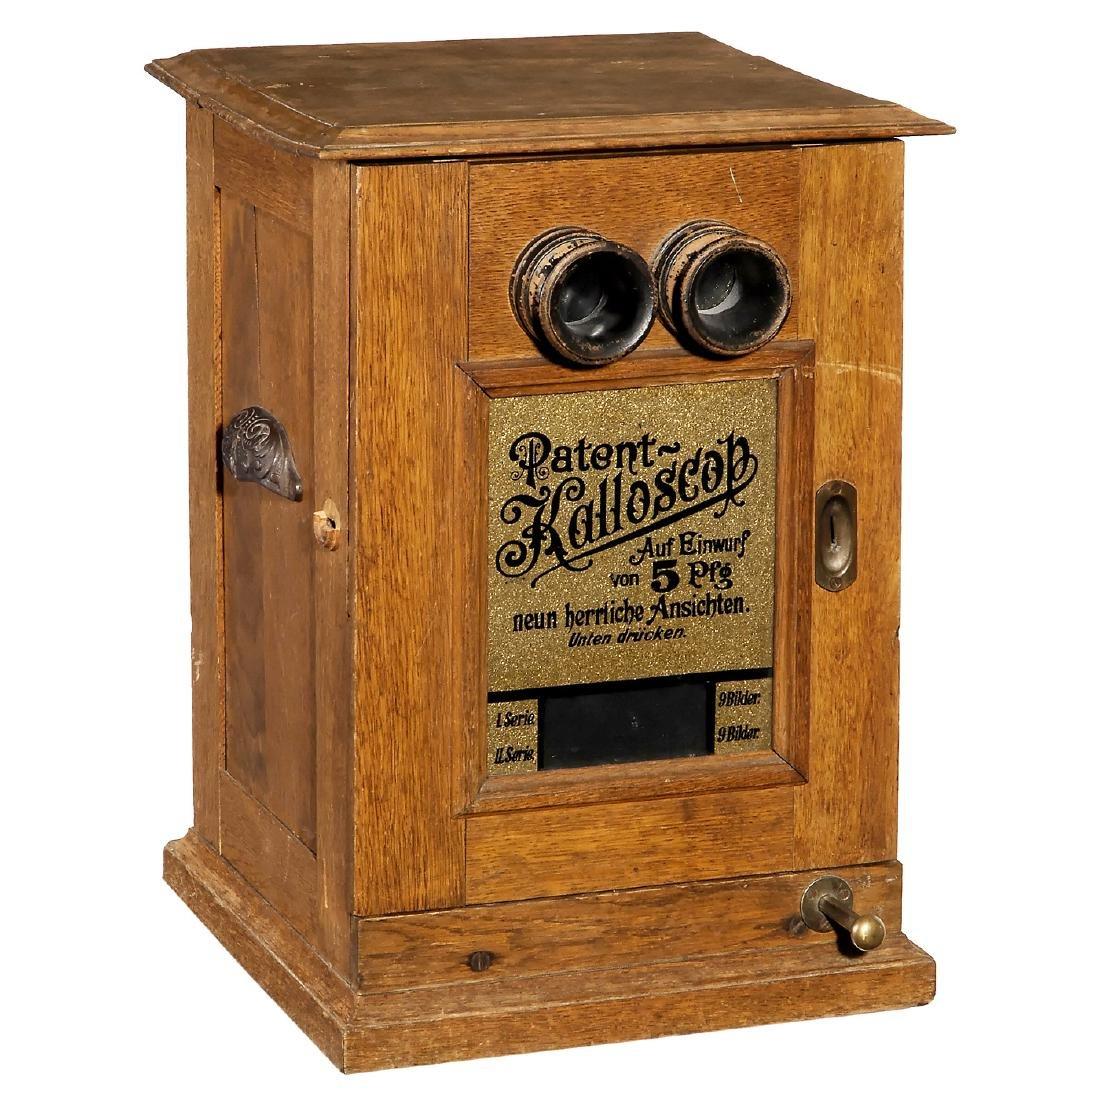 Kalloscop, Coin-Op Stereo Viewer, 1897 onwards